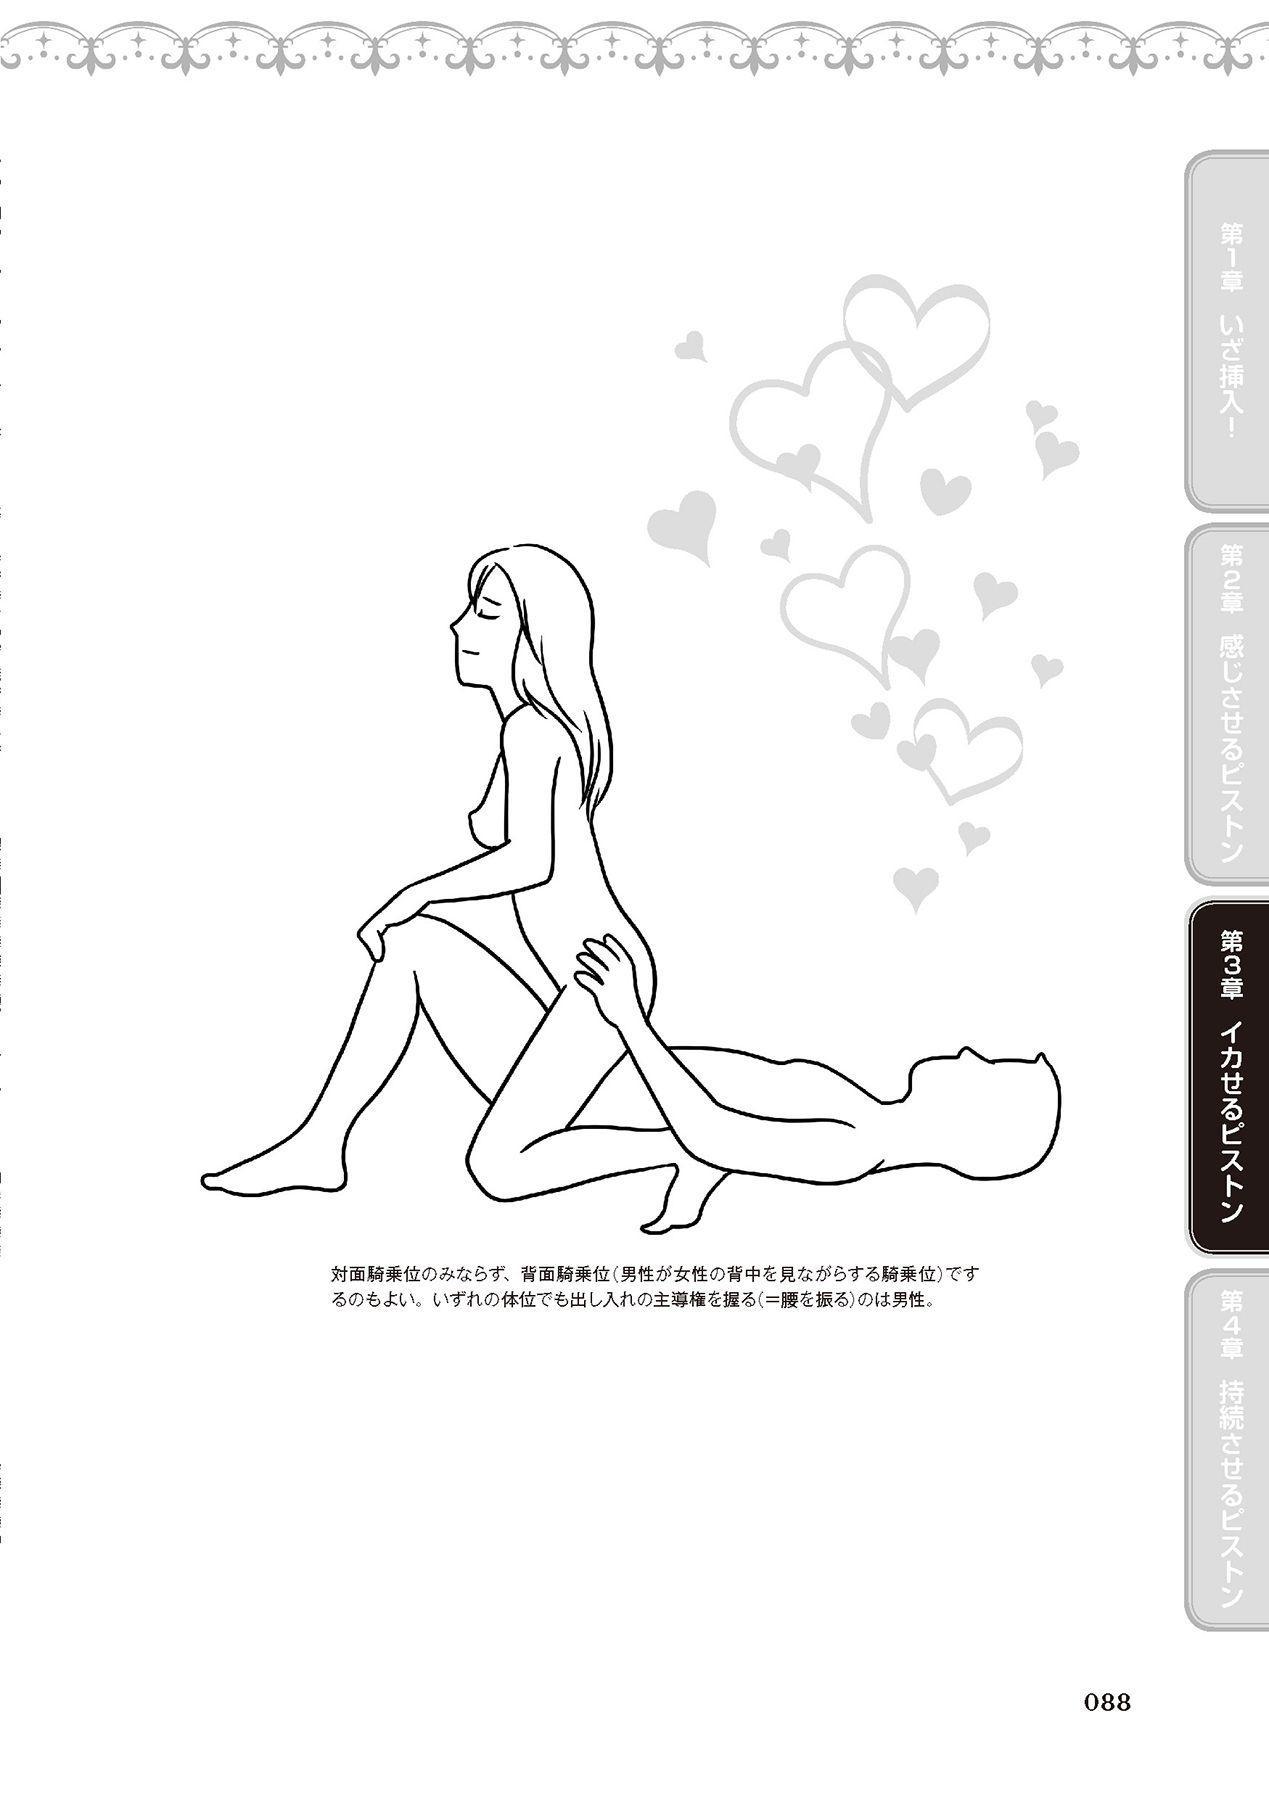 膣挿入&ピストン運動完全マニュアル イラスト版……ピスとんッ! 89